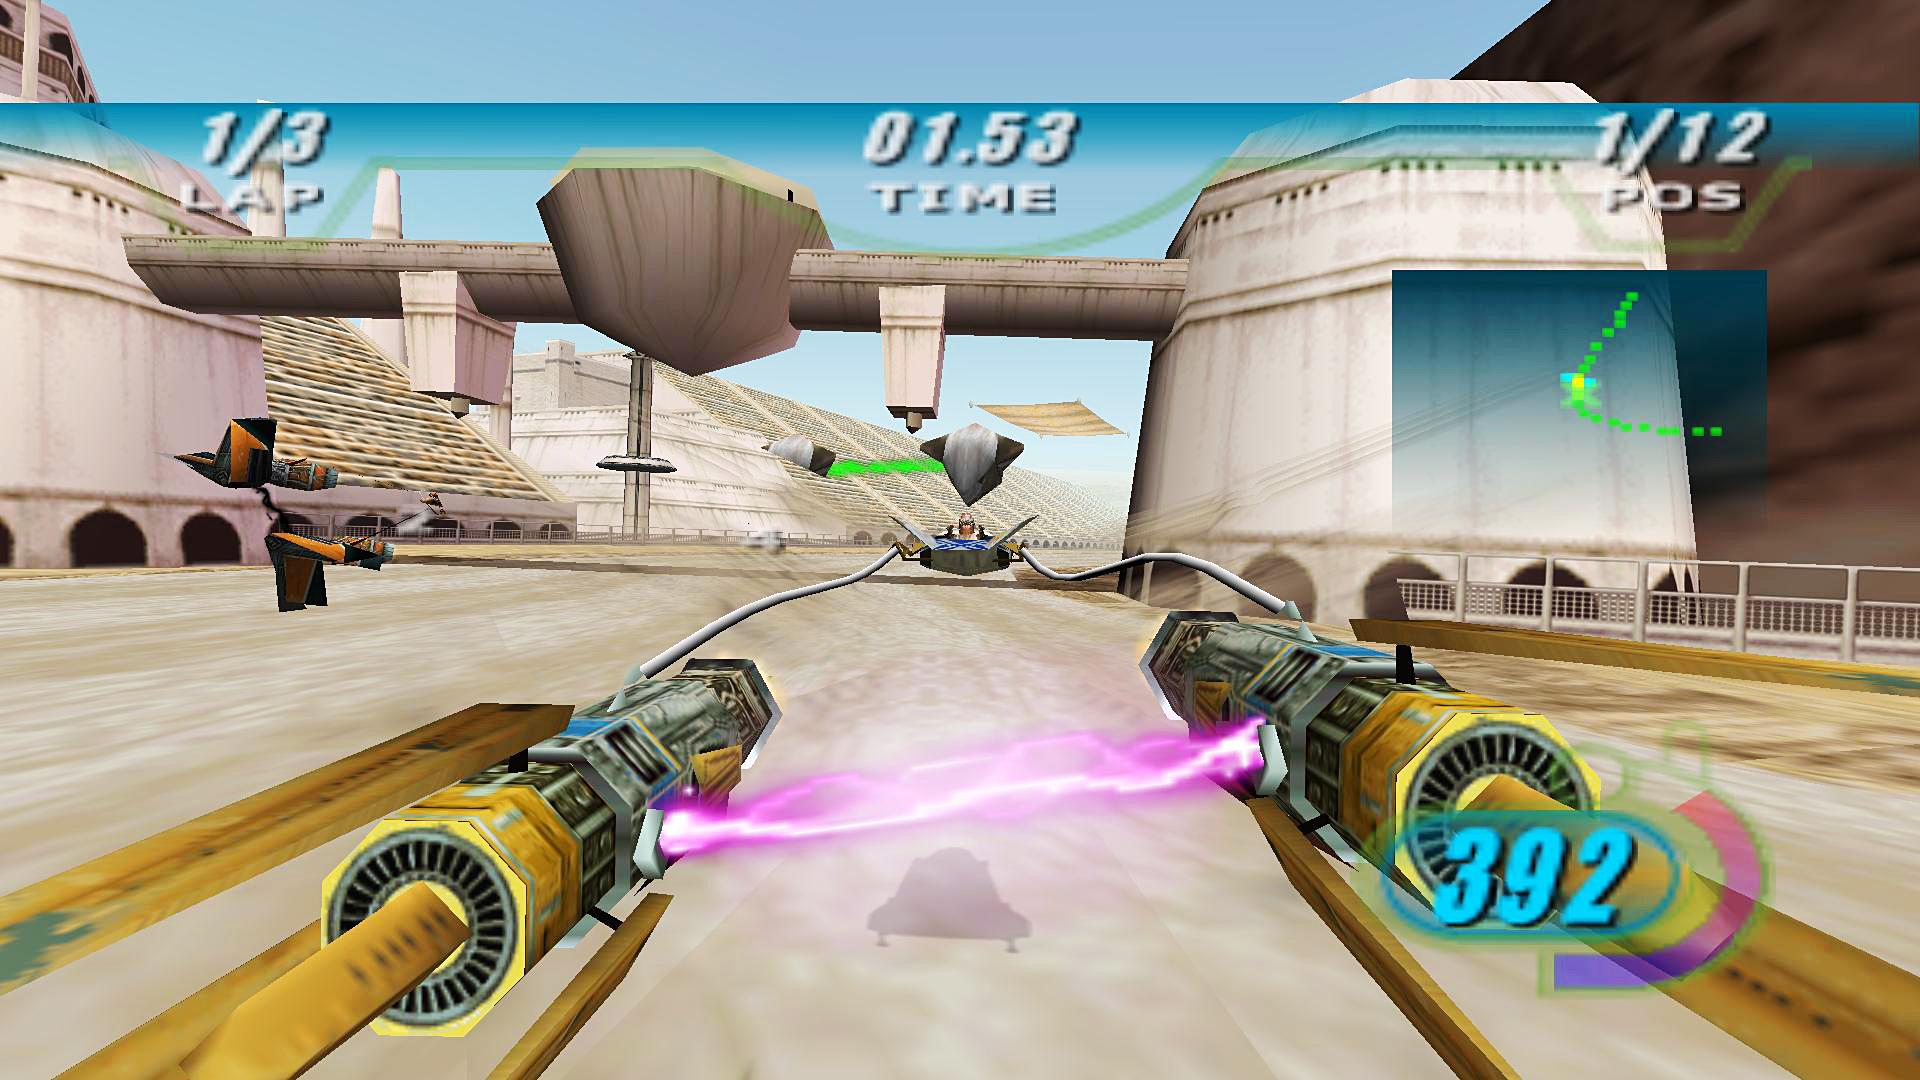 Quelle: Steam - STAR WARS Episode I: Racer